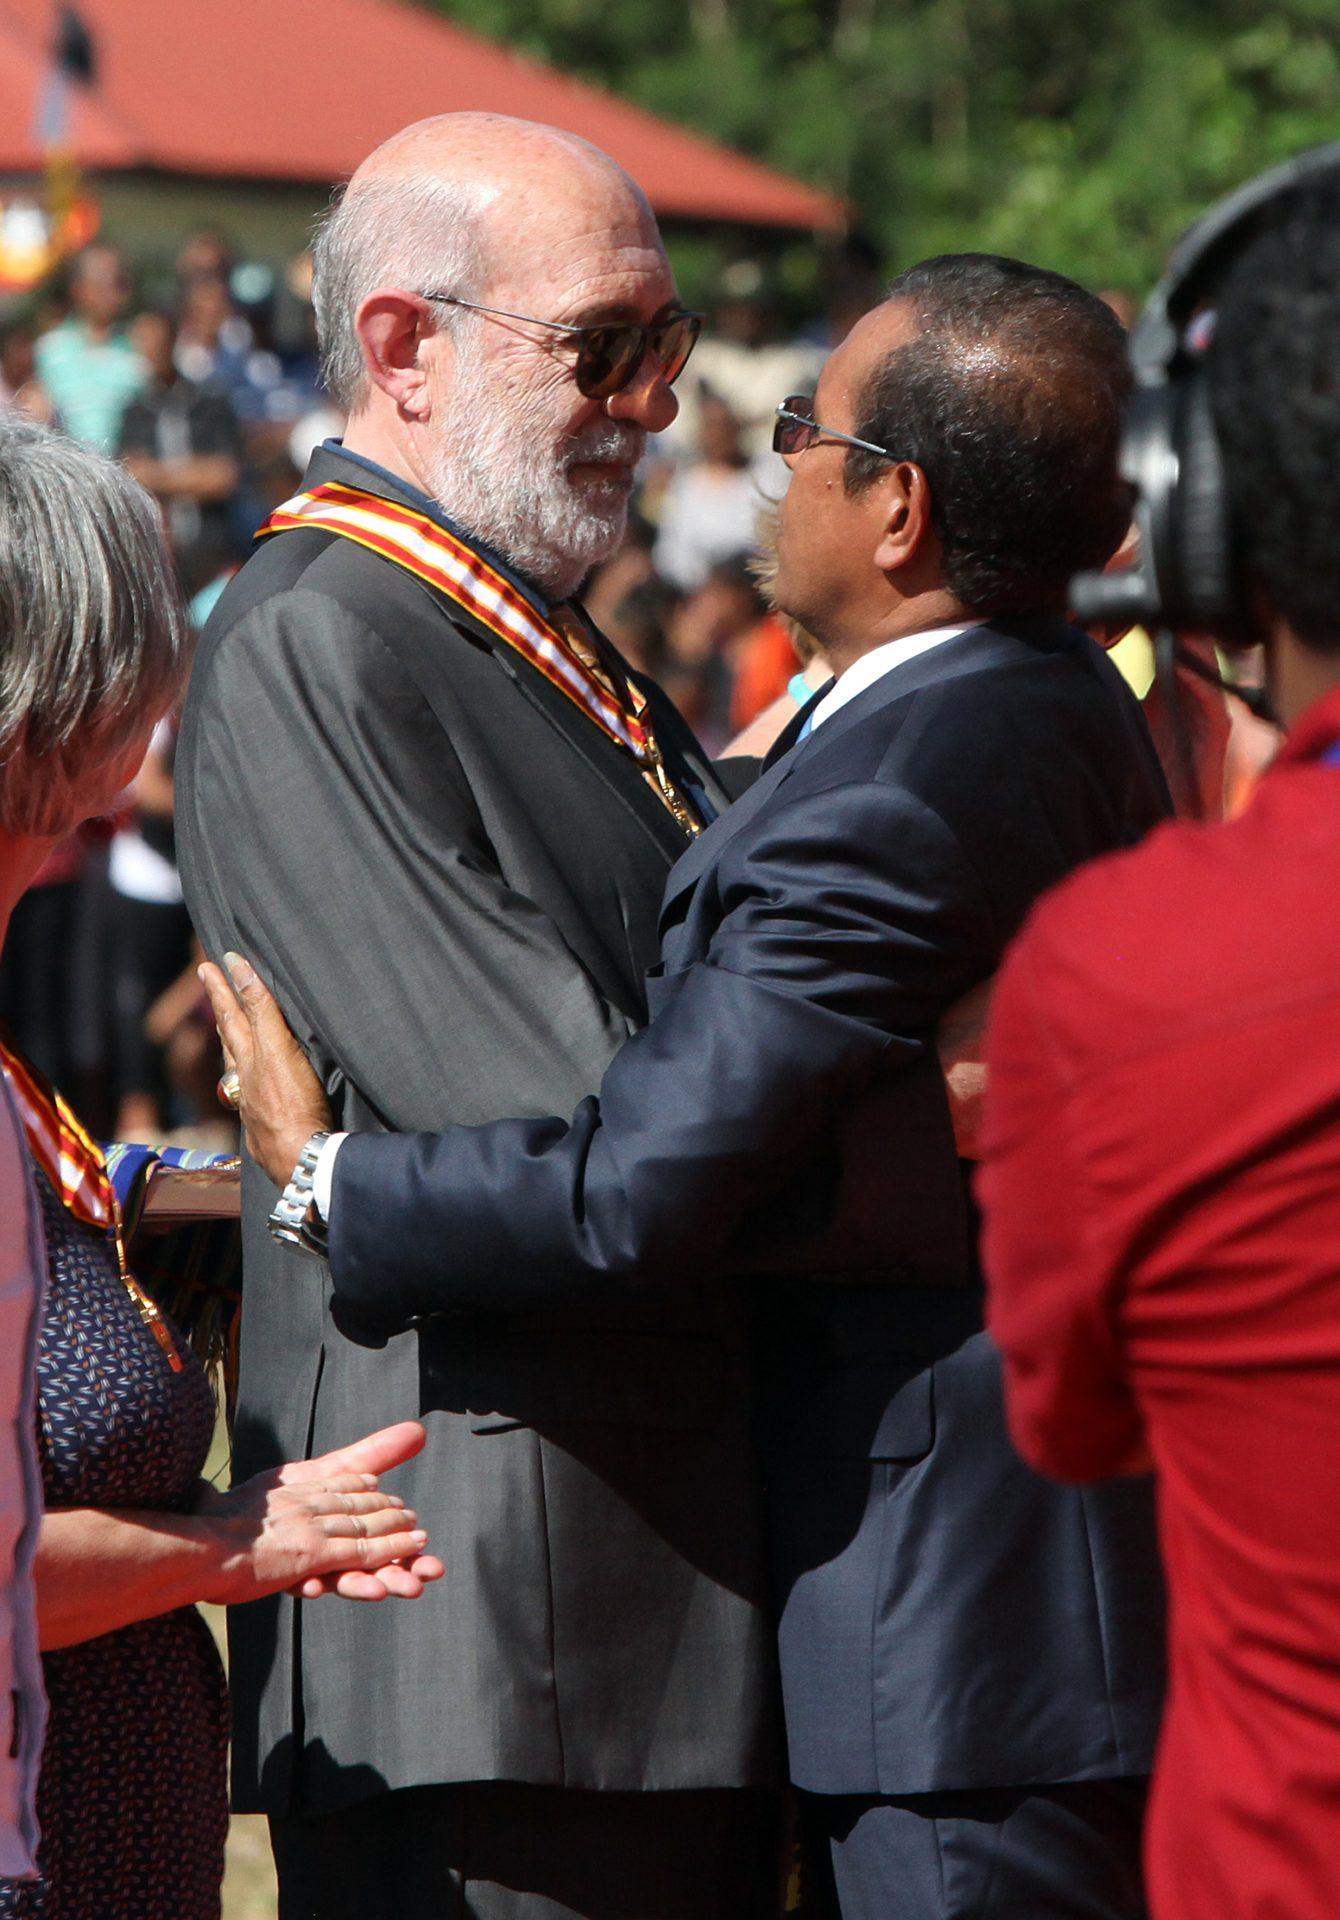 Presidente da República de Timor-Leste, Taur Matan Ruak (D), abraça Adelino Gomes (E), durante a cerimónia de condecoração de vários estrangeiros pelo seu contributo e apoio à luta de autodeterminação de Timor-Leste, durante as comemorações do 13.º aniversário da restauração da independência timorense, em Maliana, Timor-Leste, 20 de maio de 2015. ANTÓNIO SAMPAIO/LUSA